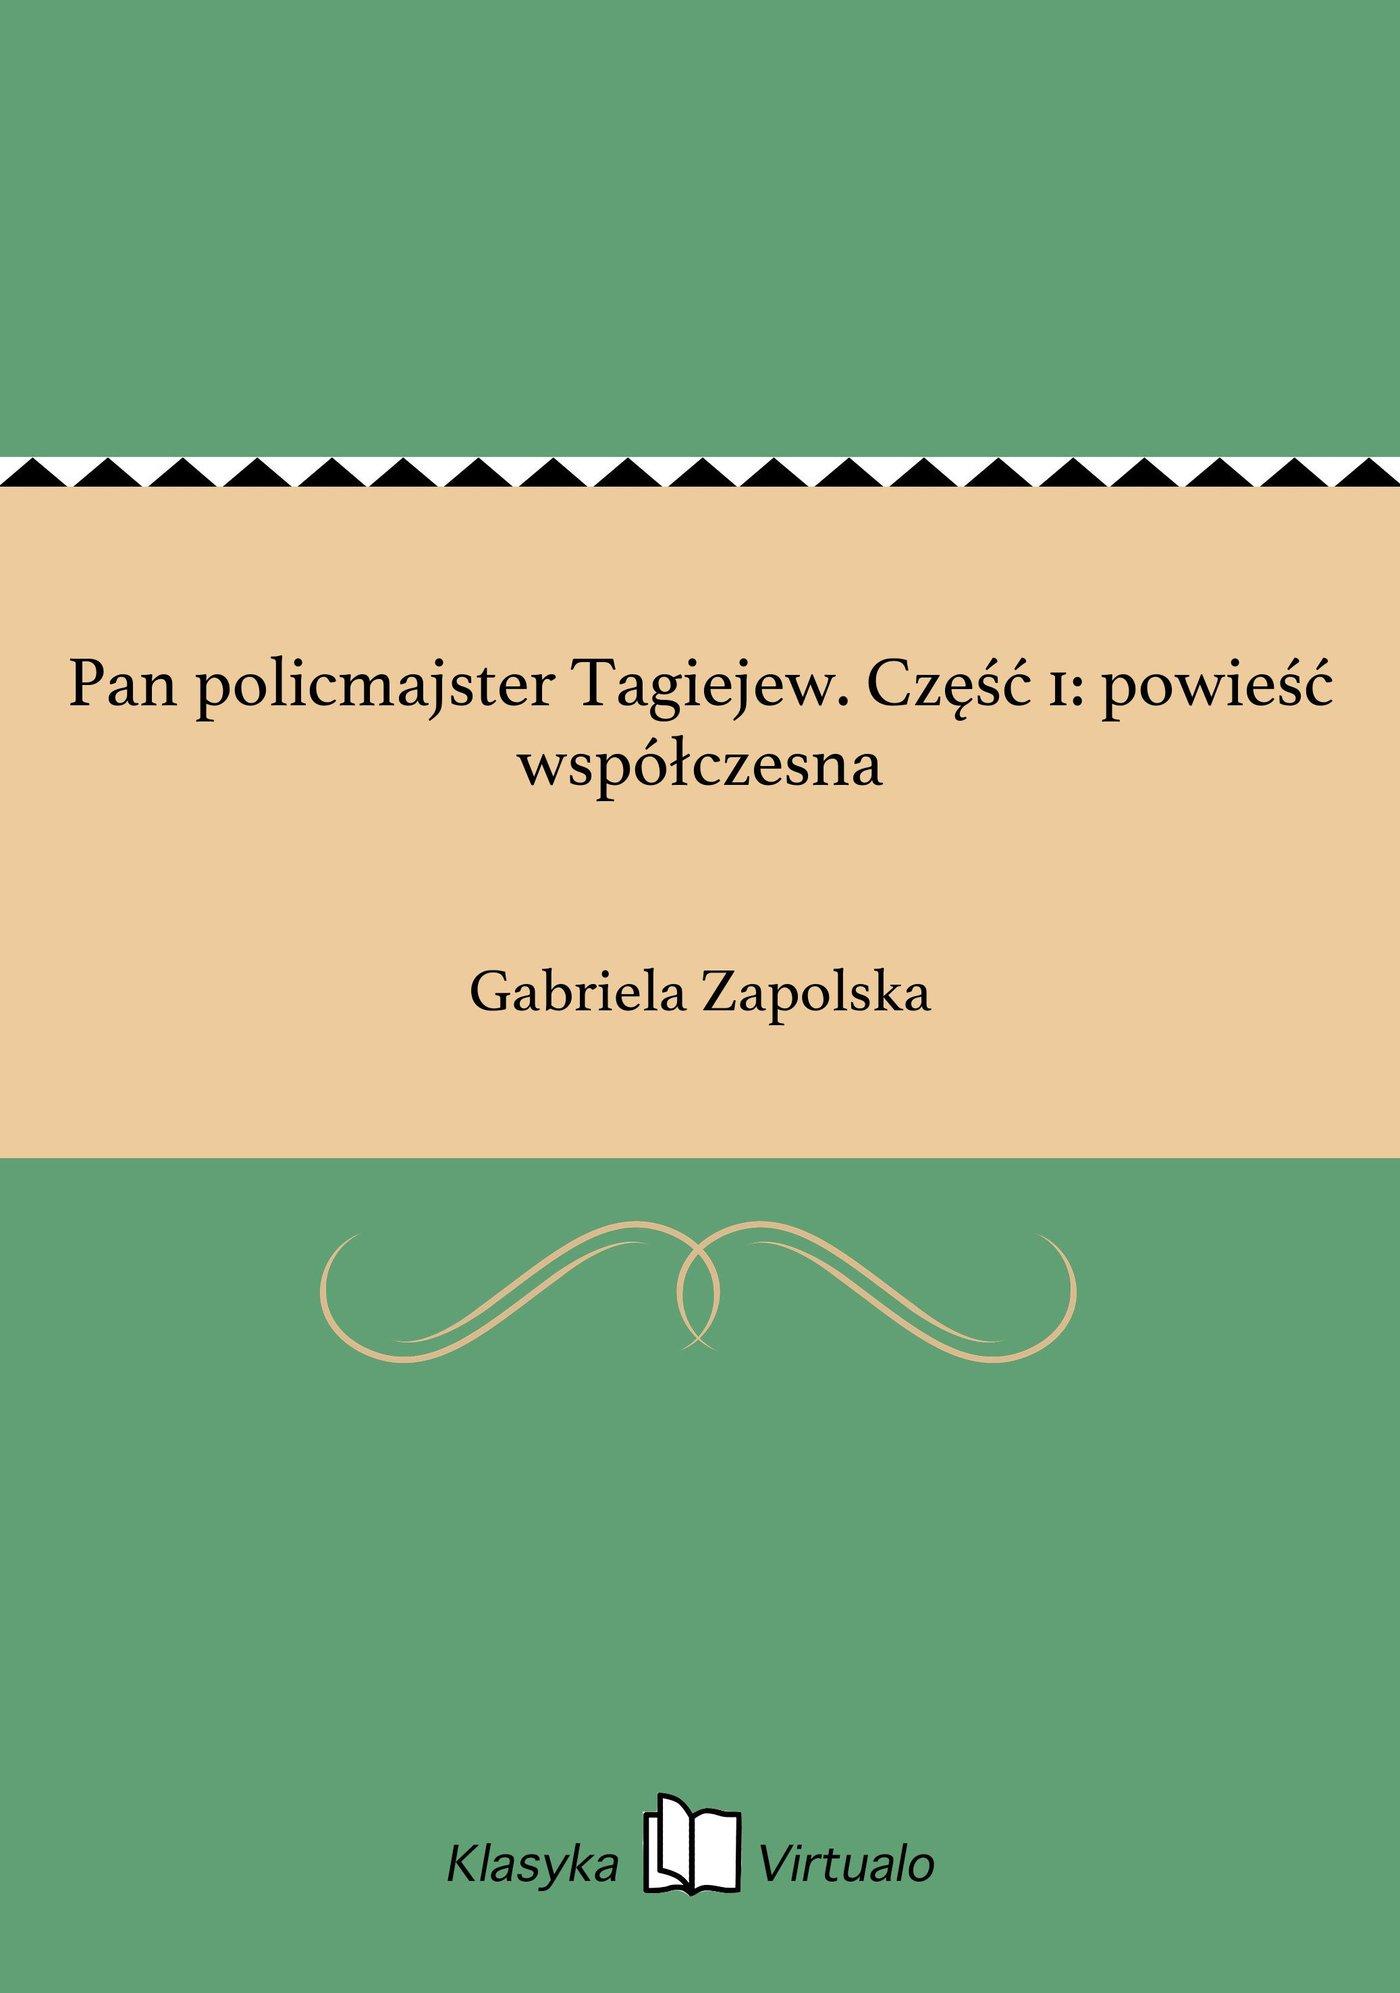 Pan policmajster Tagiejew. Część 1: powieść współczesna - Ebook (Książka EPUB) do pobrania w formacie EPUB